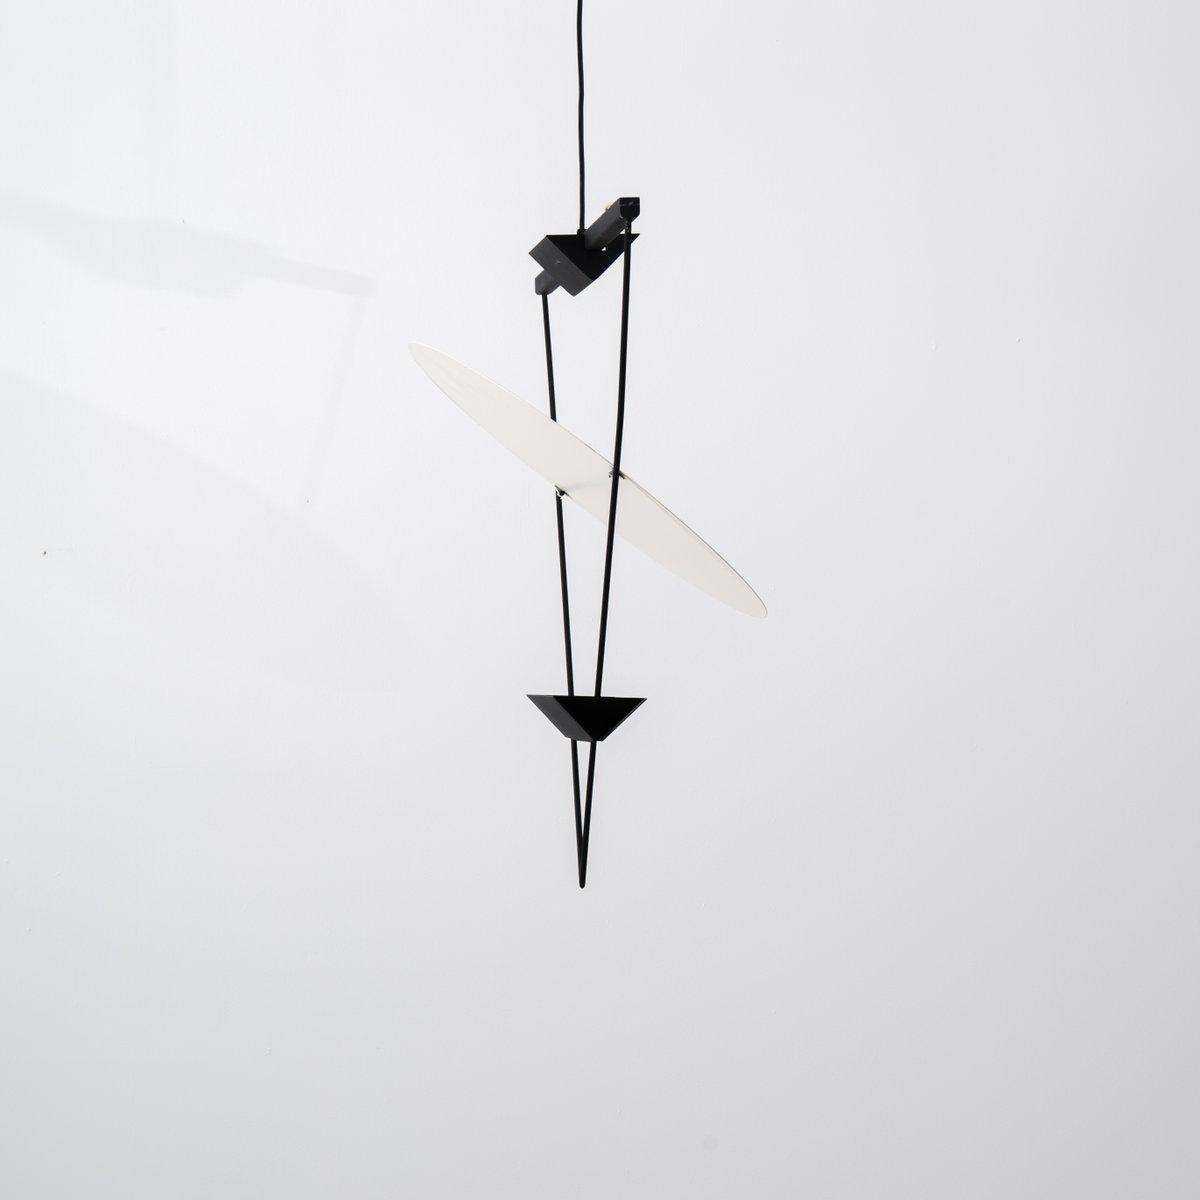 Italienische Inverted Triangle Lampe von Mario Botta für Artemide, 198...